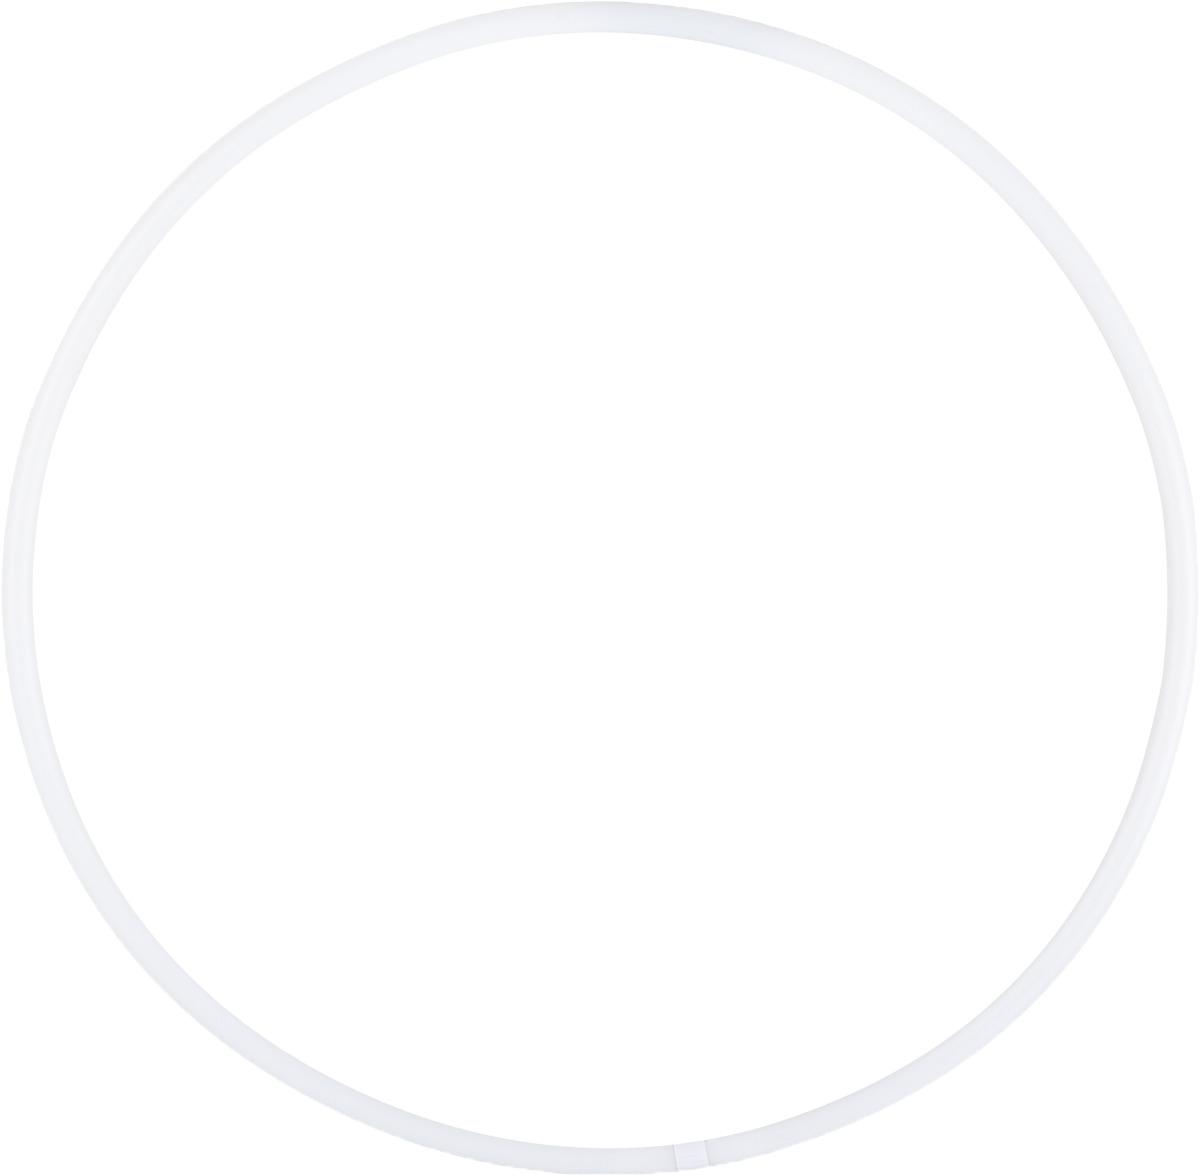 Обруч для художественной гимнастики Amely AGO-101, диаметр 70 см, цвет: белый обруч пластмастер 40040 диаметр 50 см цвет в ассортименте